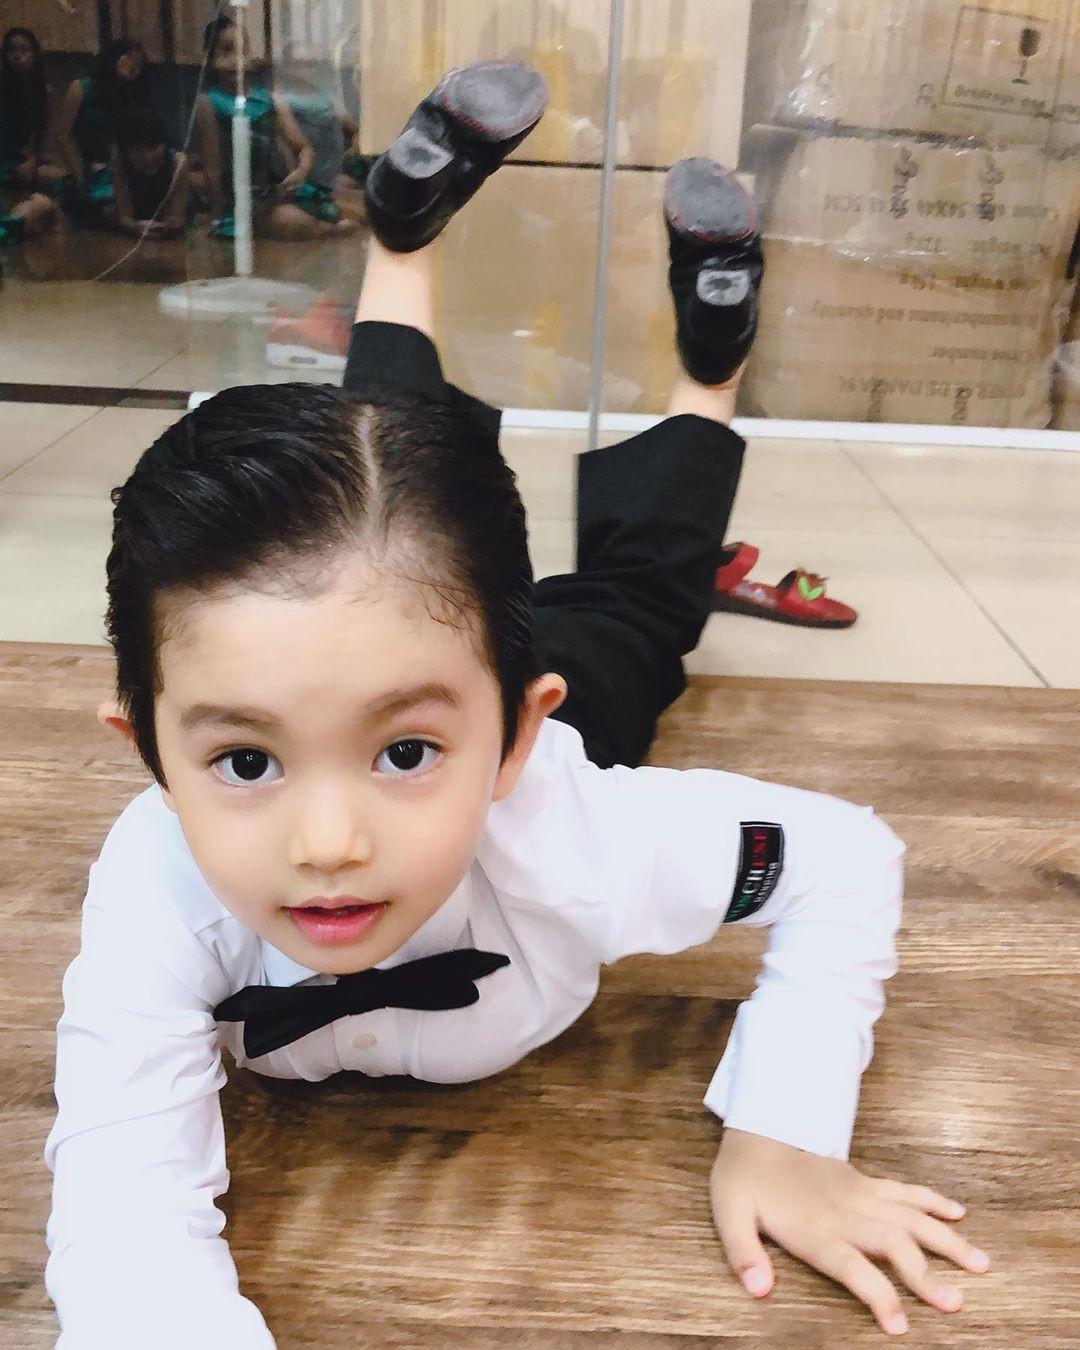 Bộc lộ năng khiếu dancesport khi mới hơn 3 tuổi, con trai Phan Hiển - Khánh Thi lần đầu ra sàn nhảy khiến nhiều người bất ngờ-1